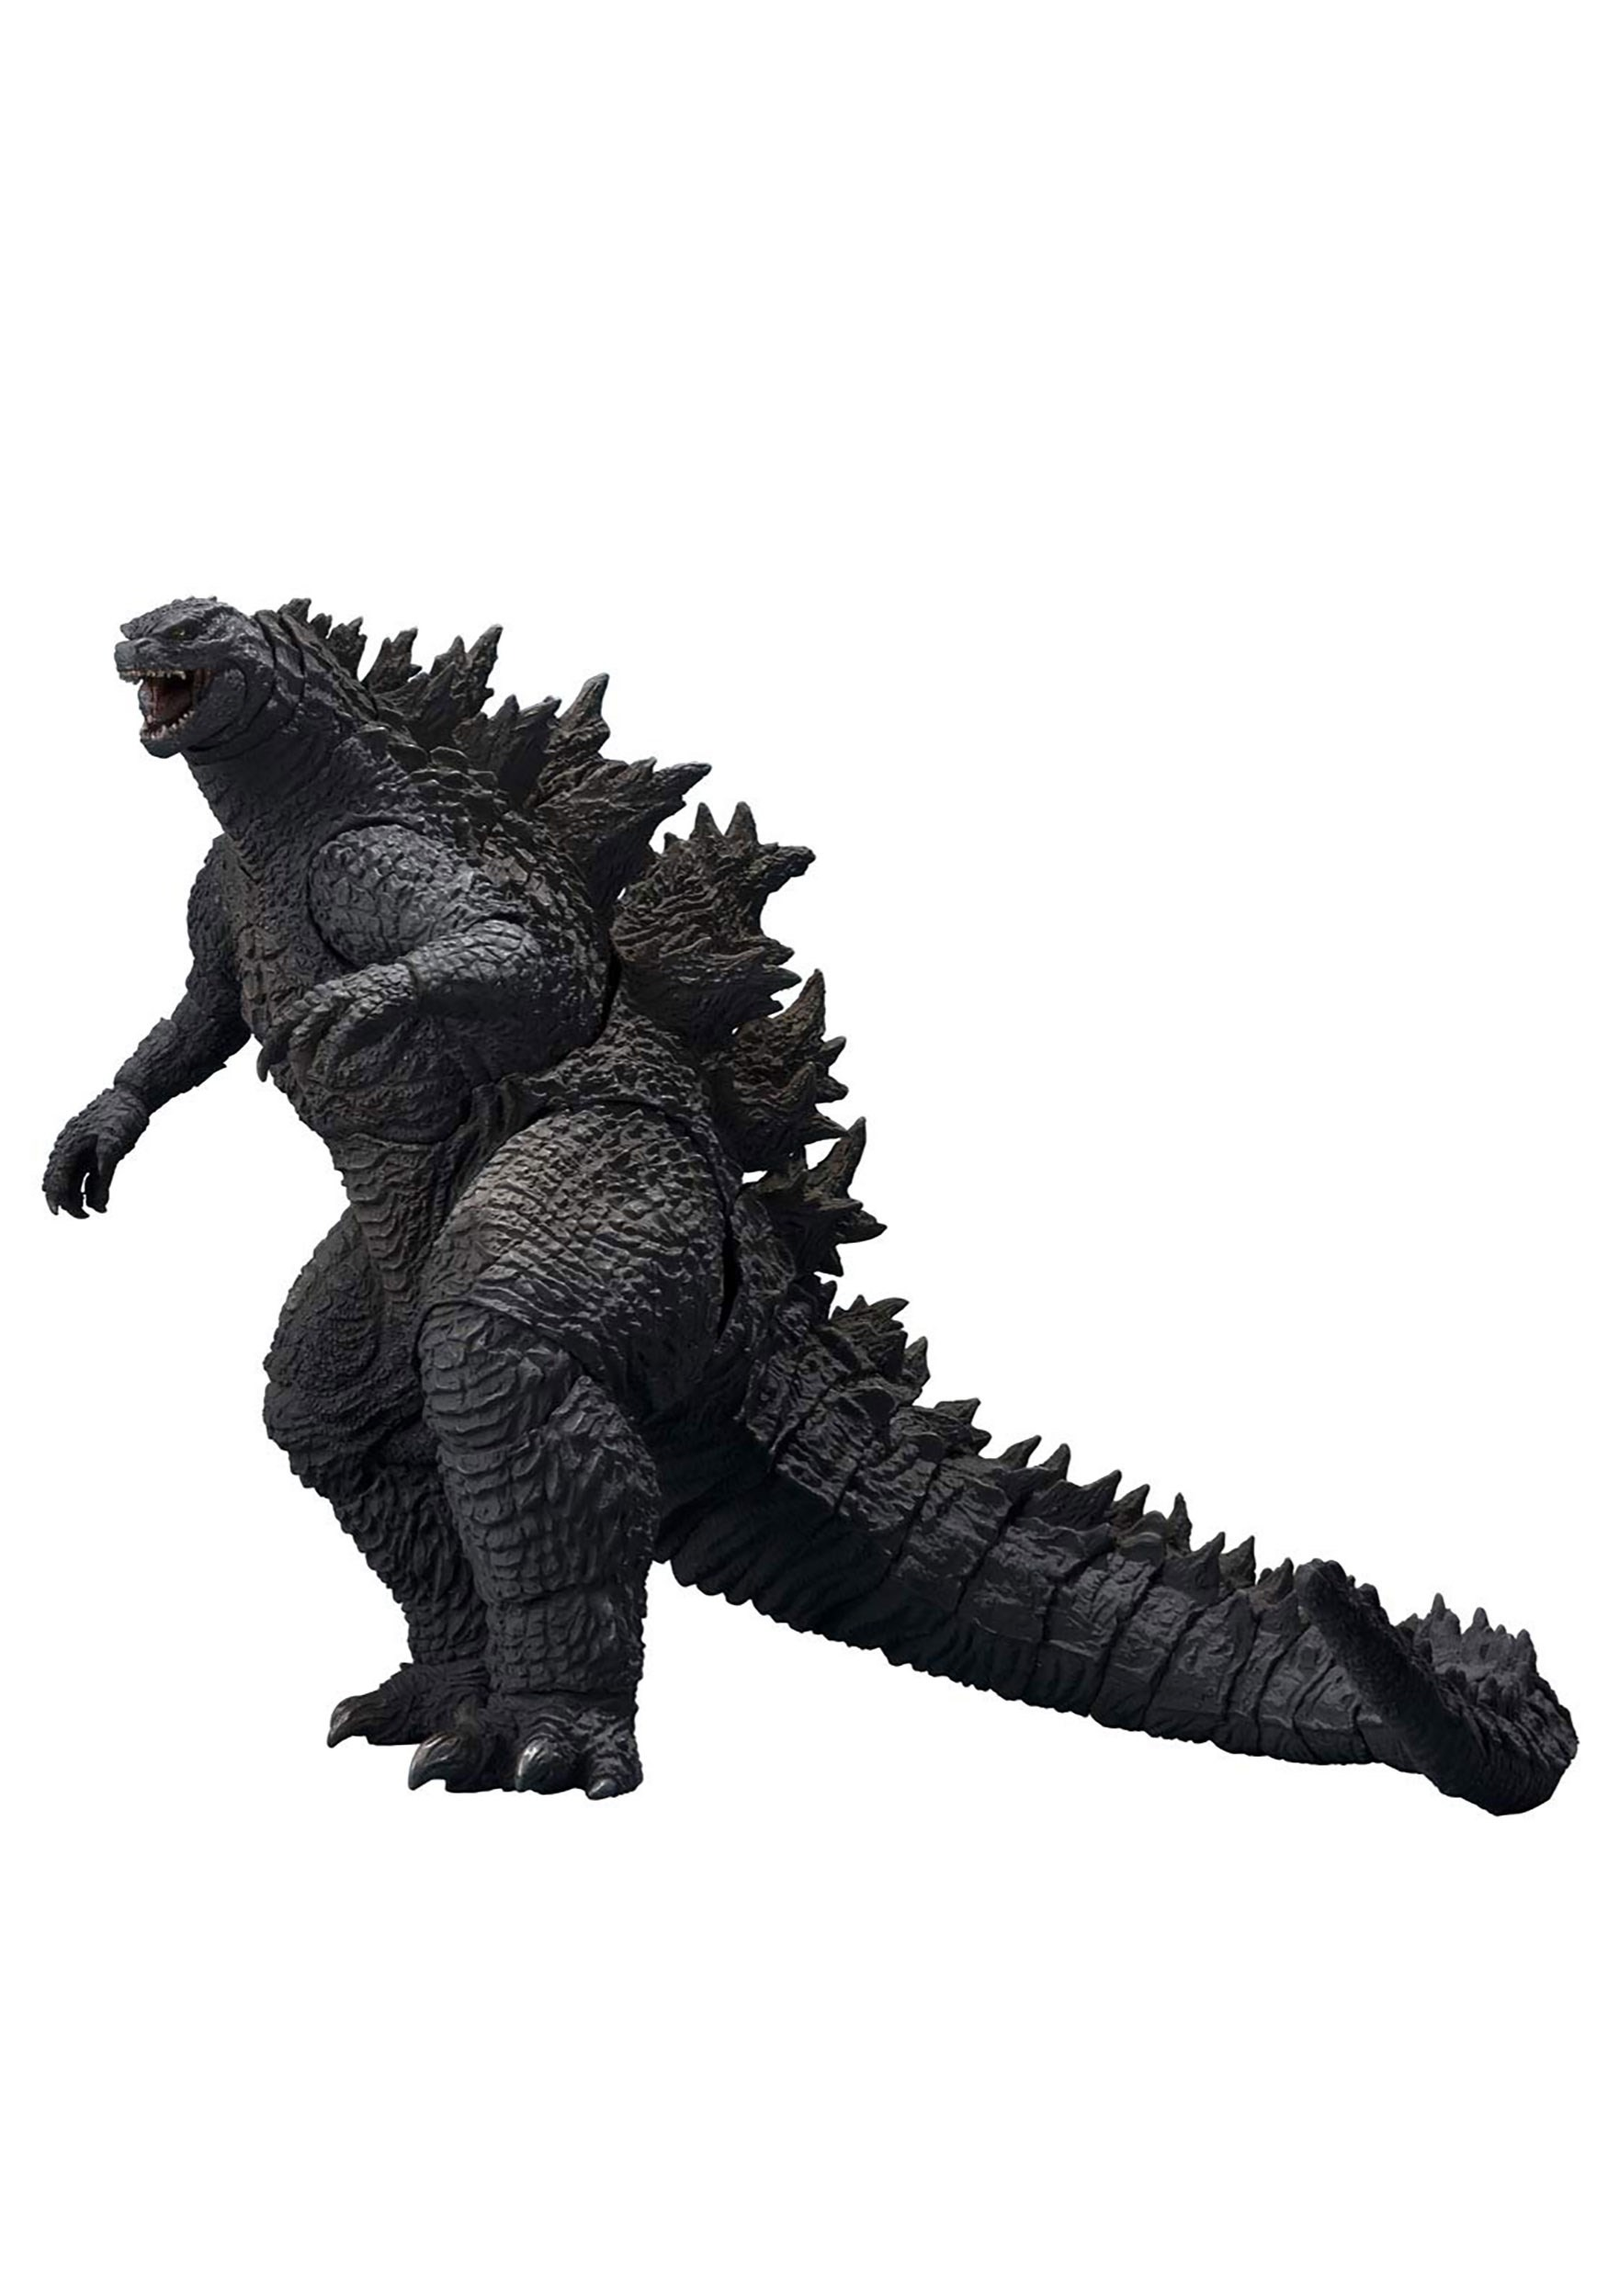 Bandai_Godzilla_2019_SH_MonsterArts_Figure